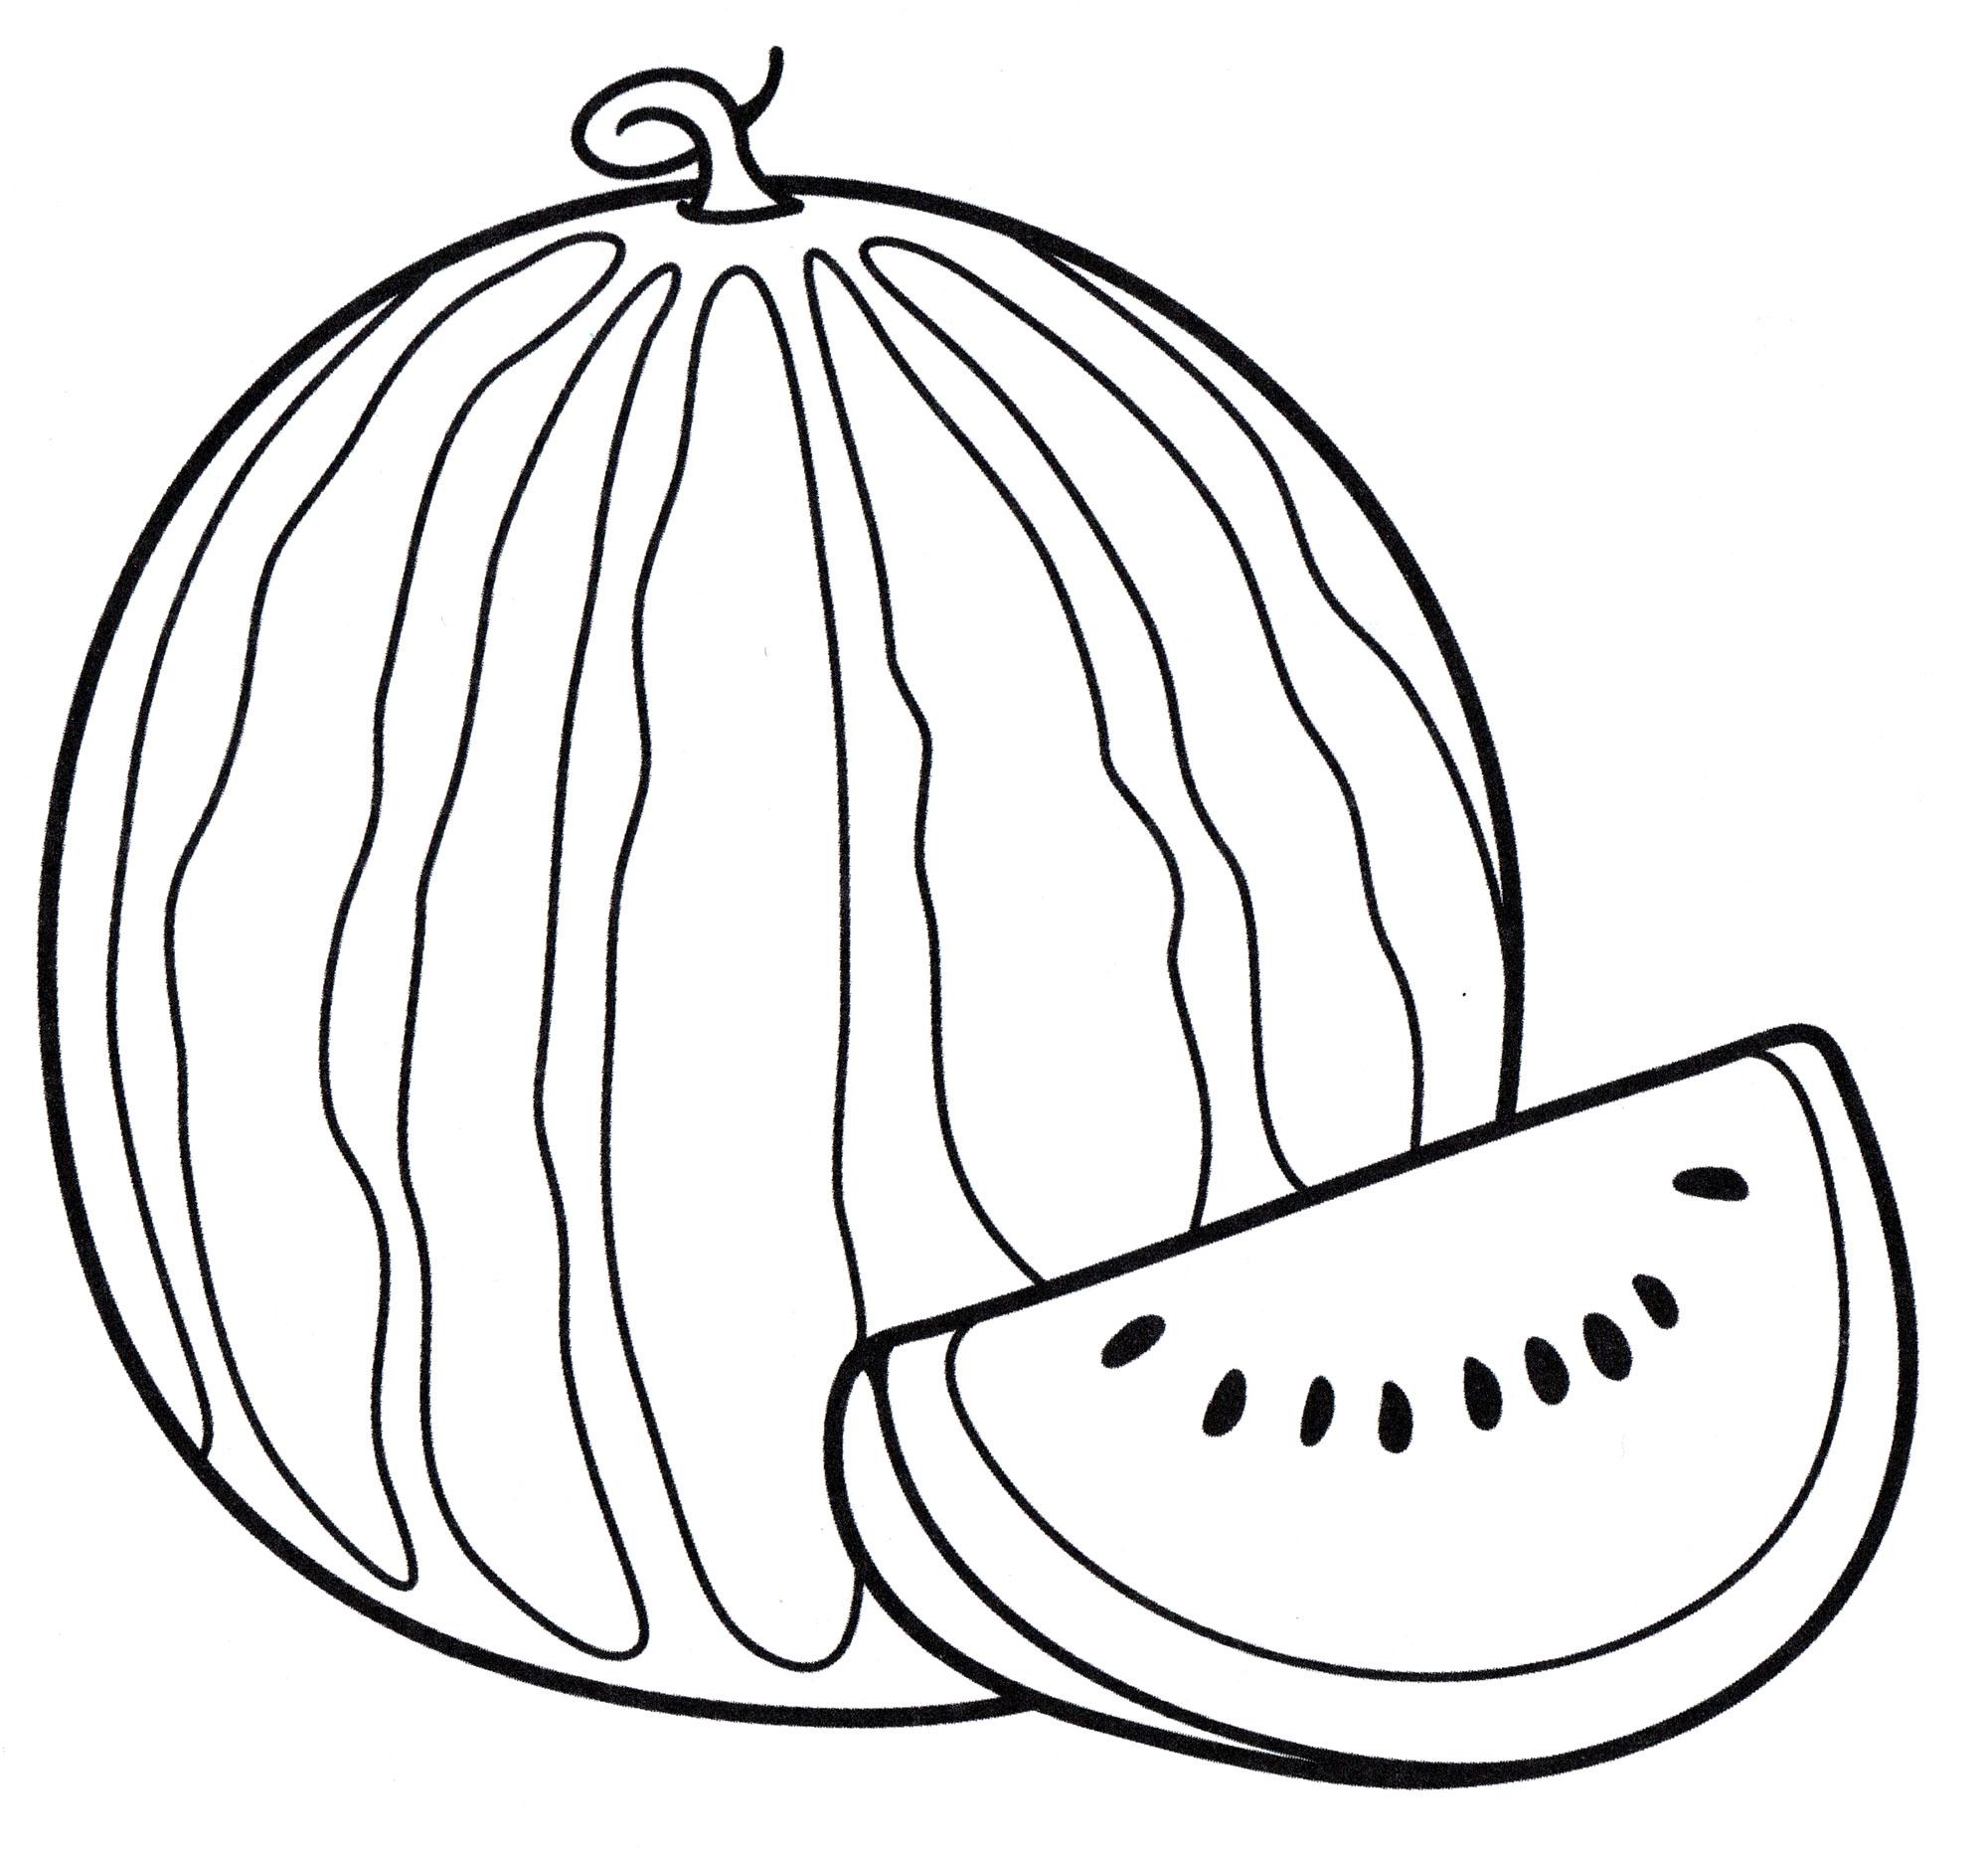 Раскраска Вкусный арбуз - распечатать бесплатно